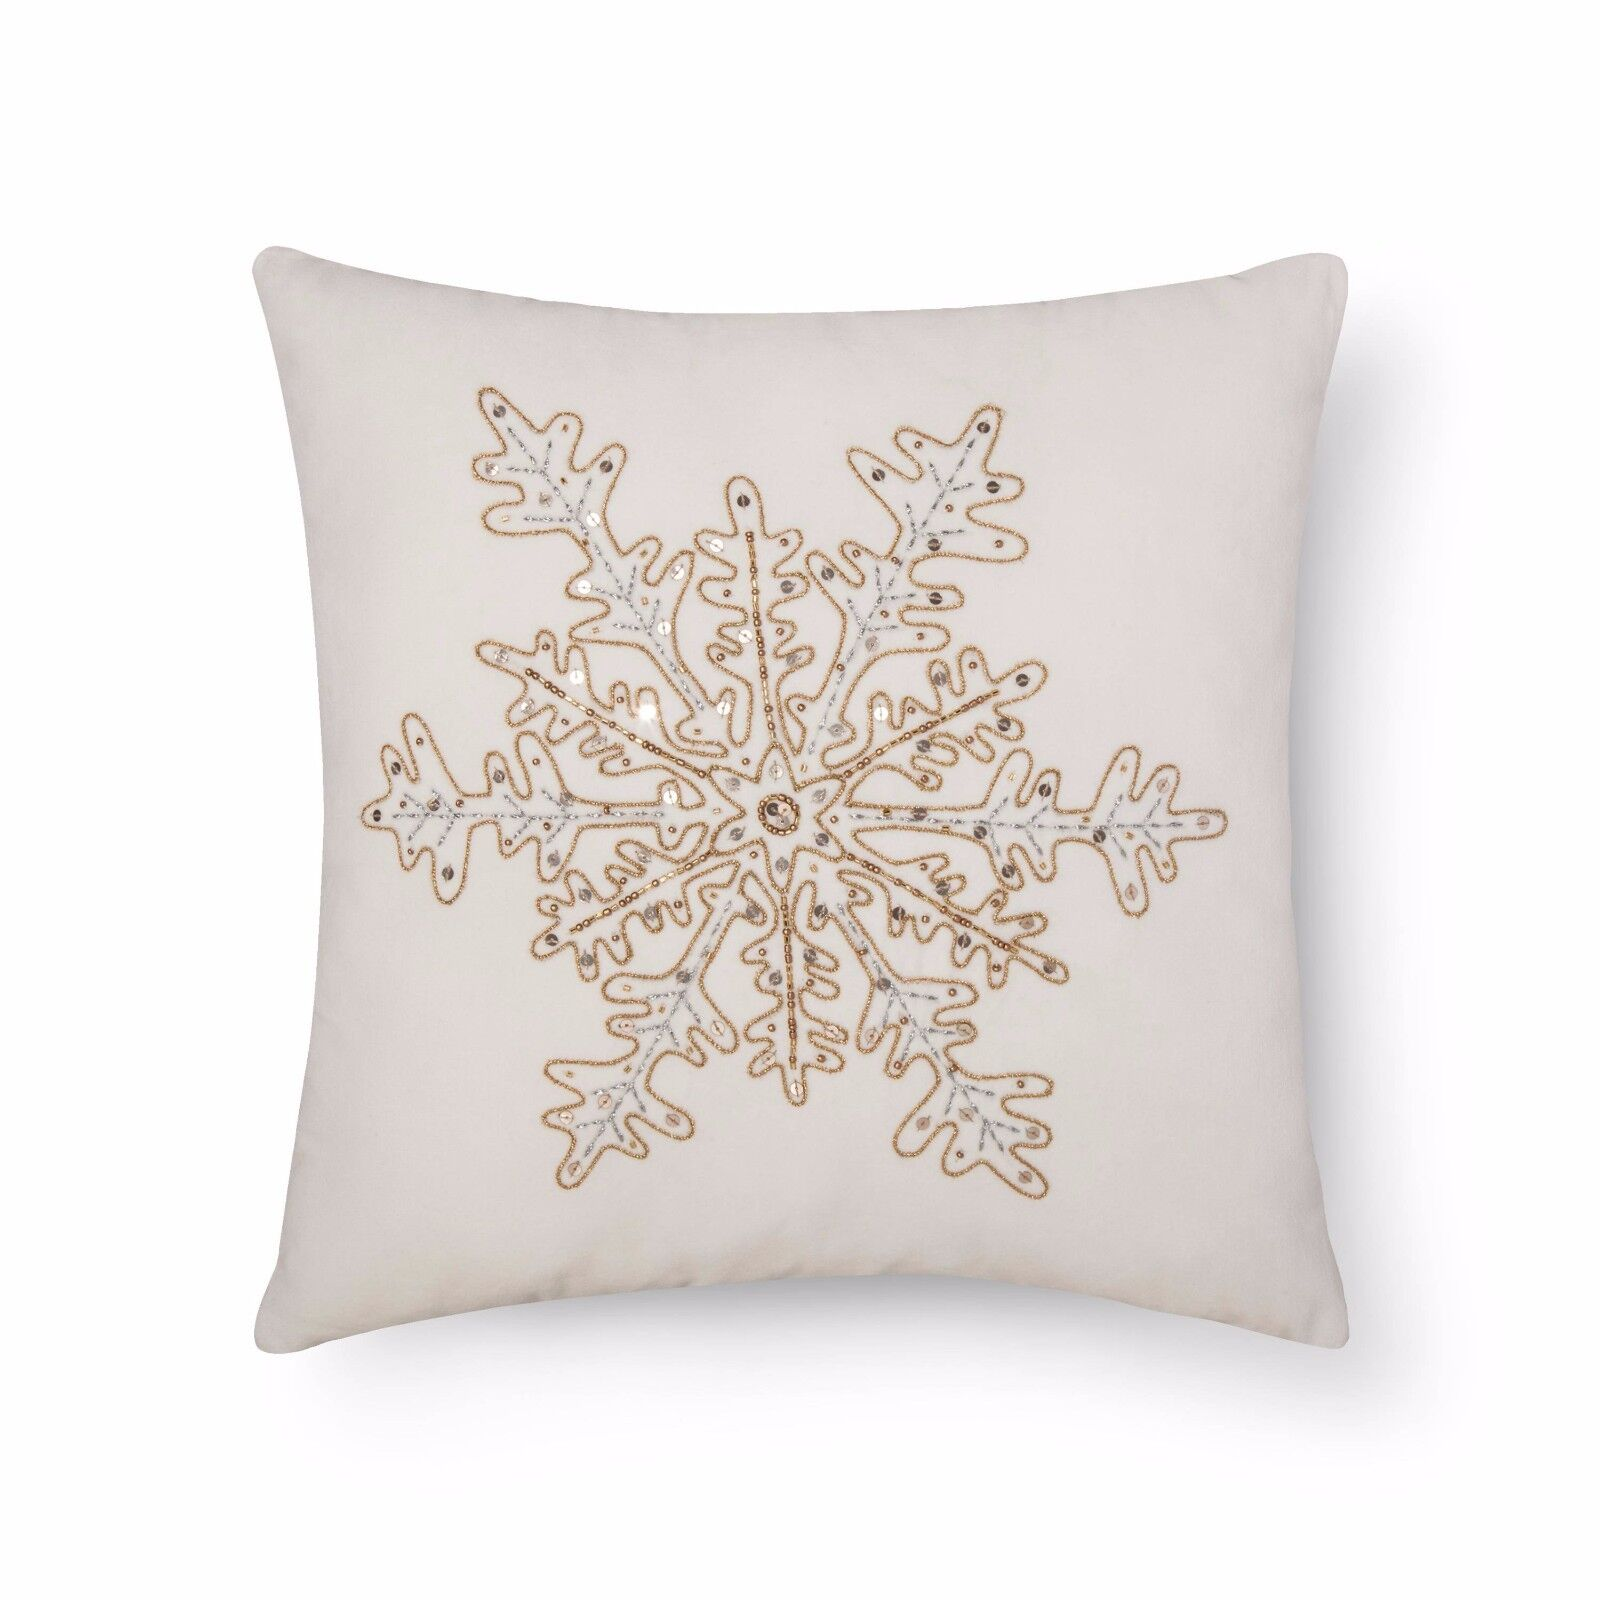 Threshold Sour Cream Beaded Snowflake Metallic Velvet Throw Pillow For Sale Online Ebay